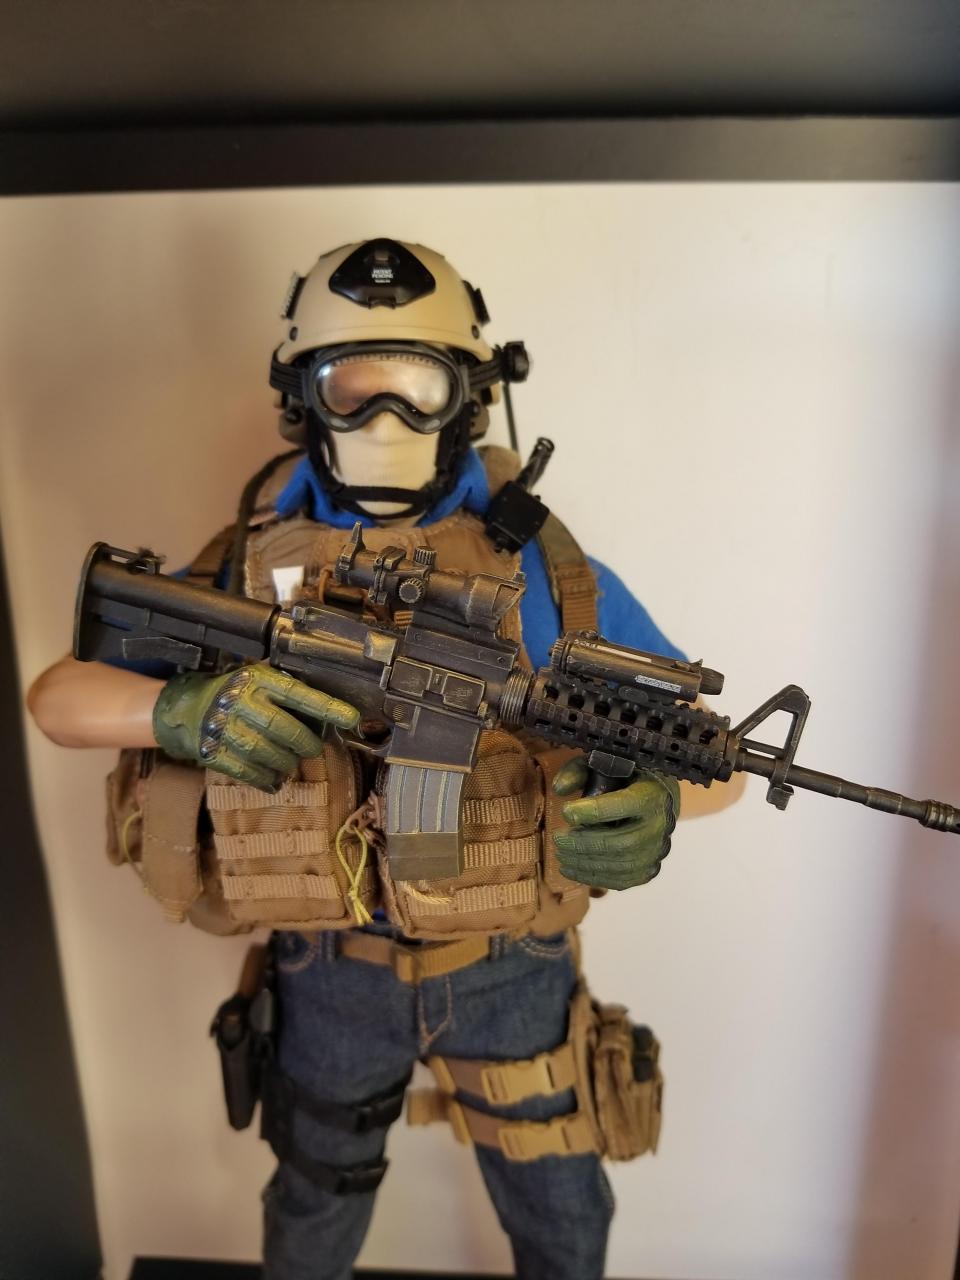 Modern Warfare 2 - Task Force 141 operative in urban wear (pic heavy)-10_-_usdqmyx[1]-jpg